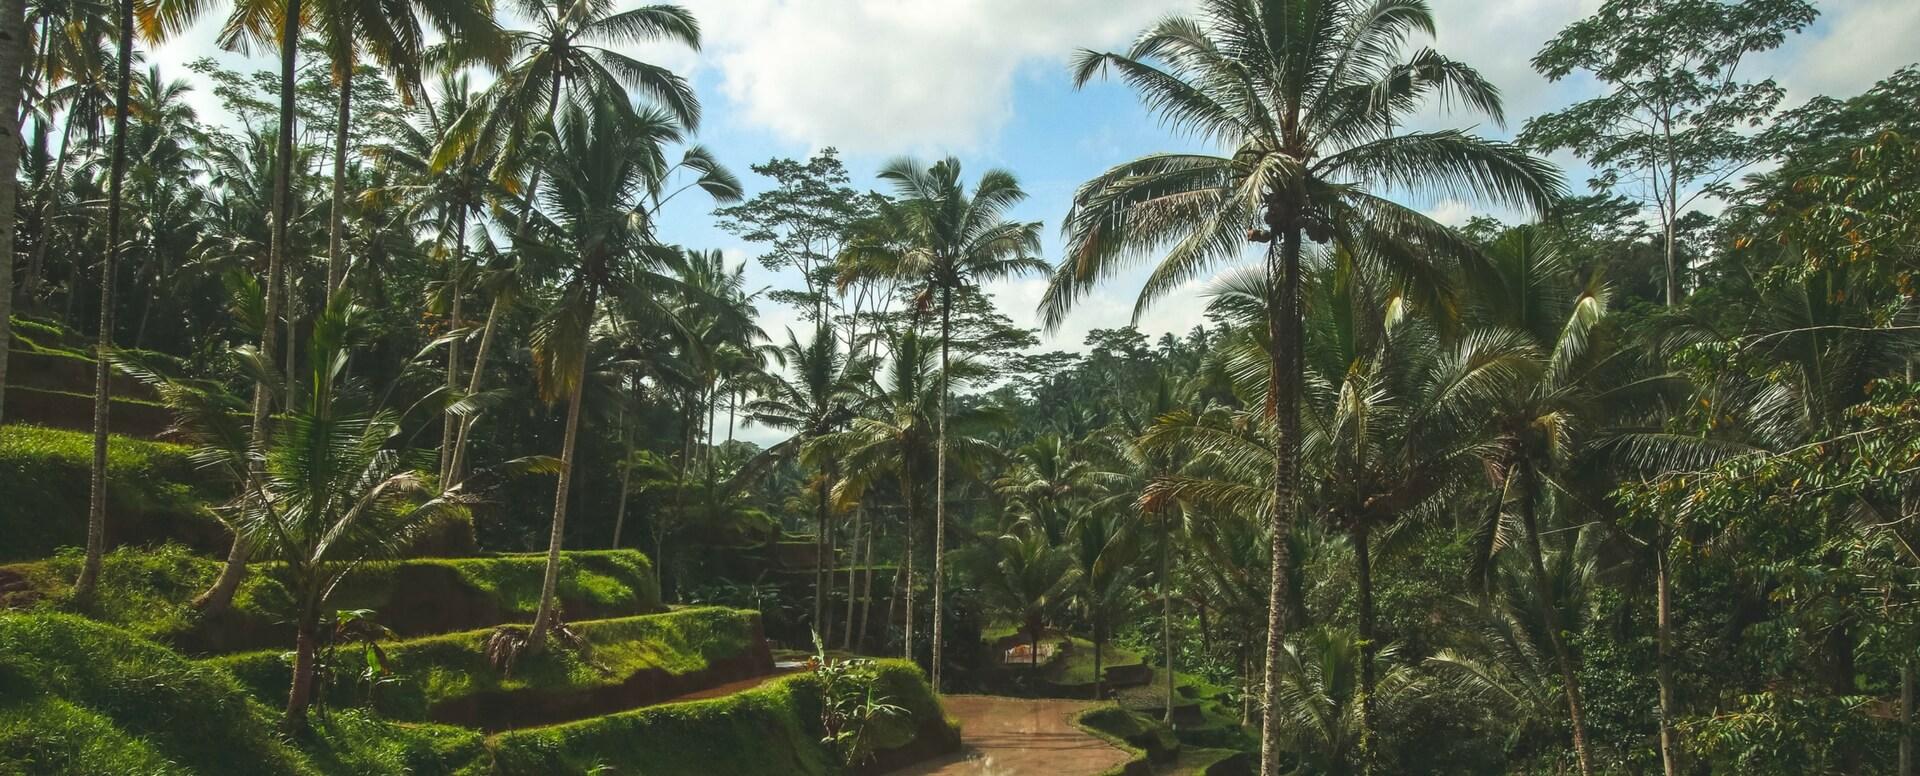 10 choses à faire à Bali - Bali